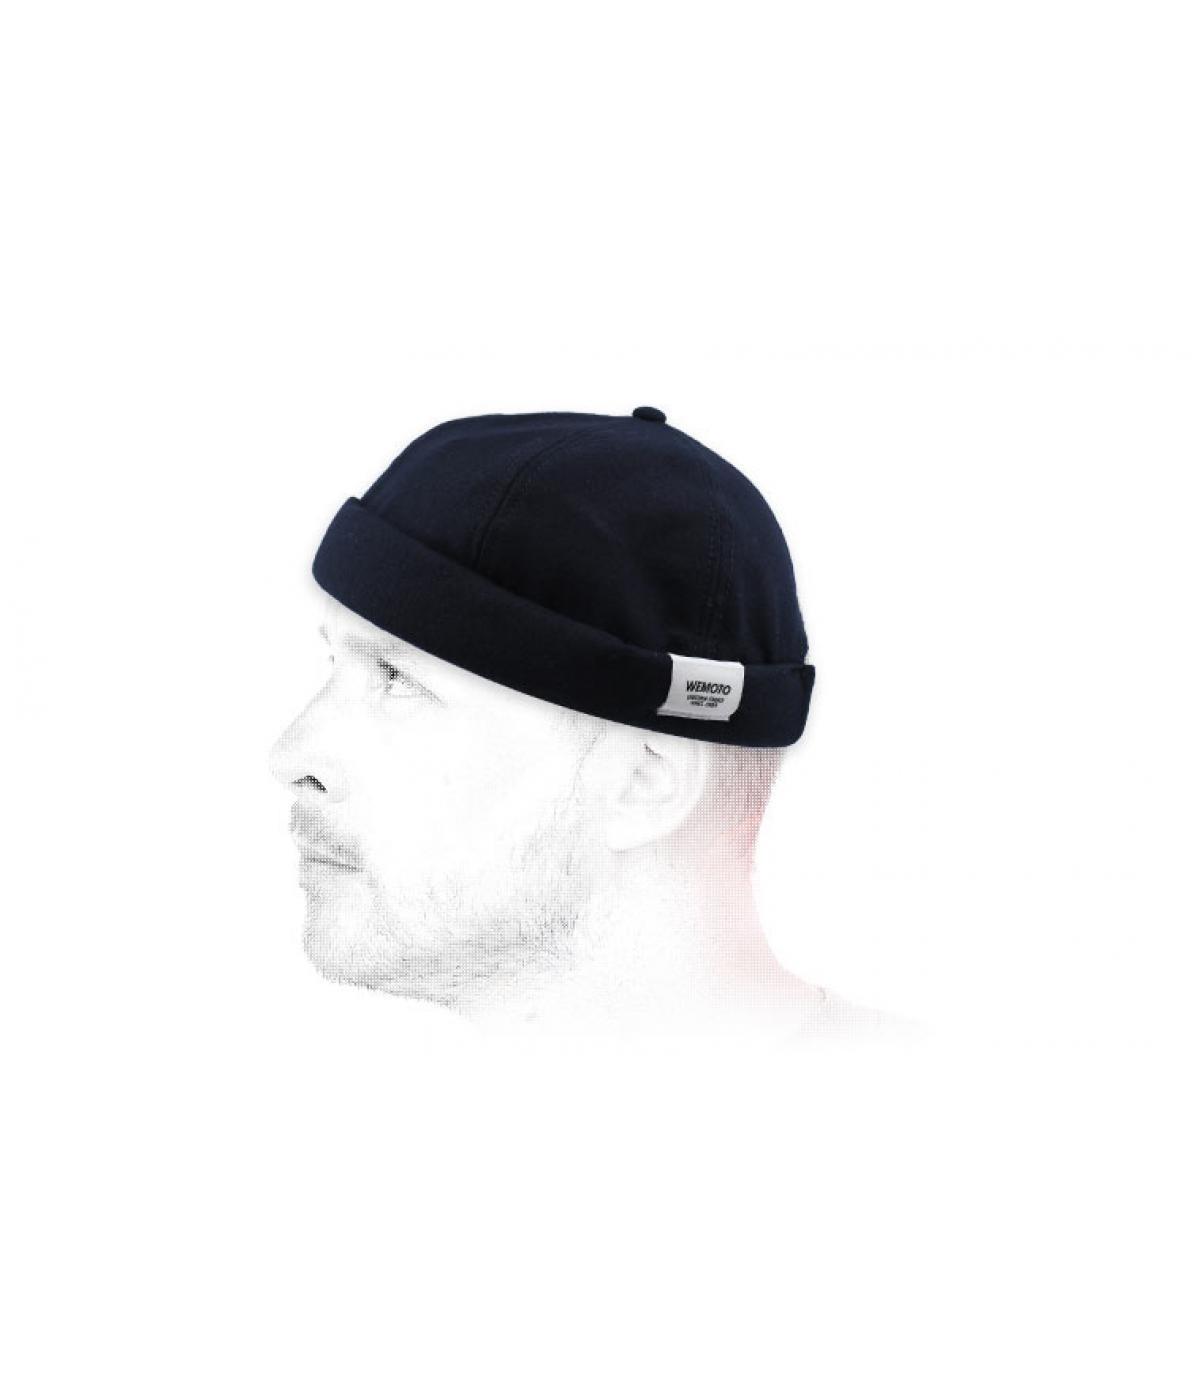 Cappello docker marino Wemoto